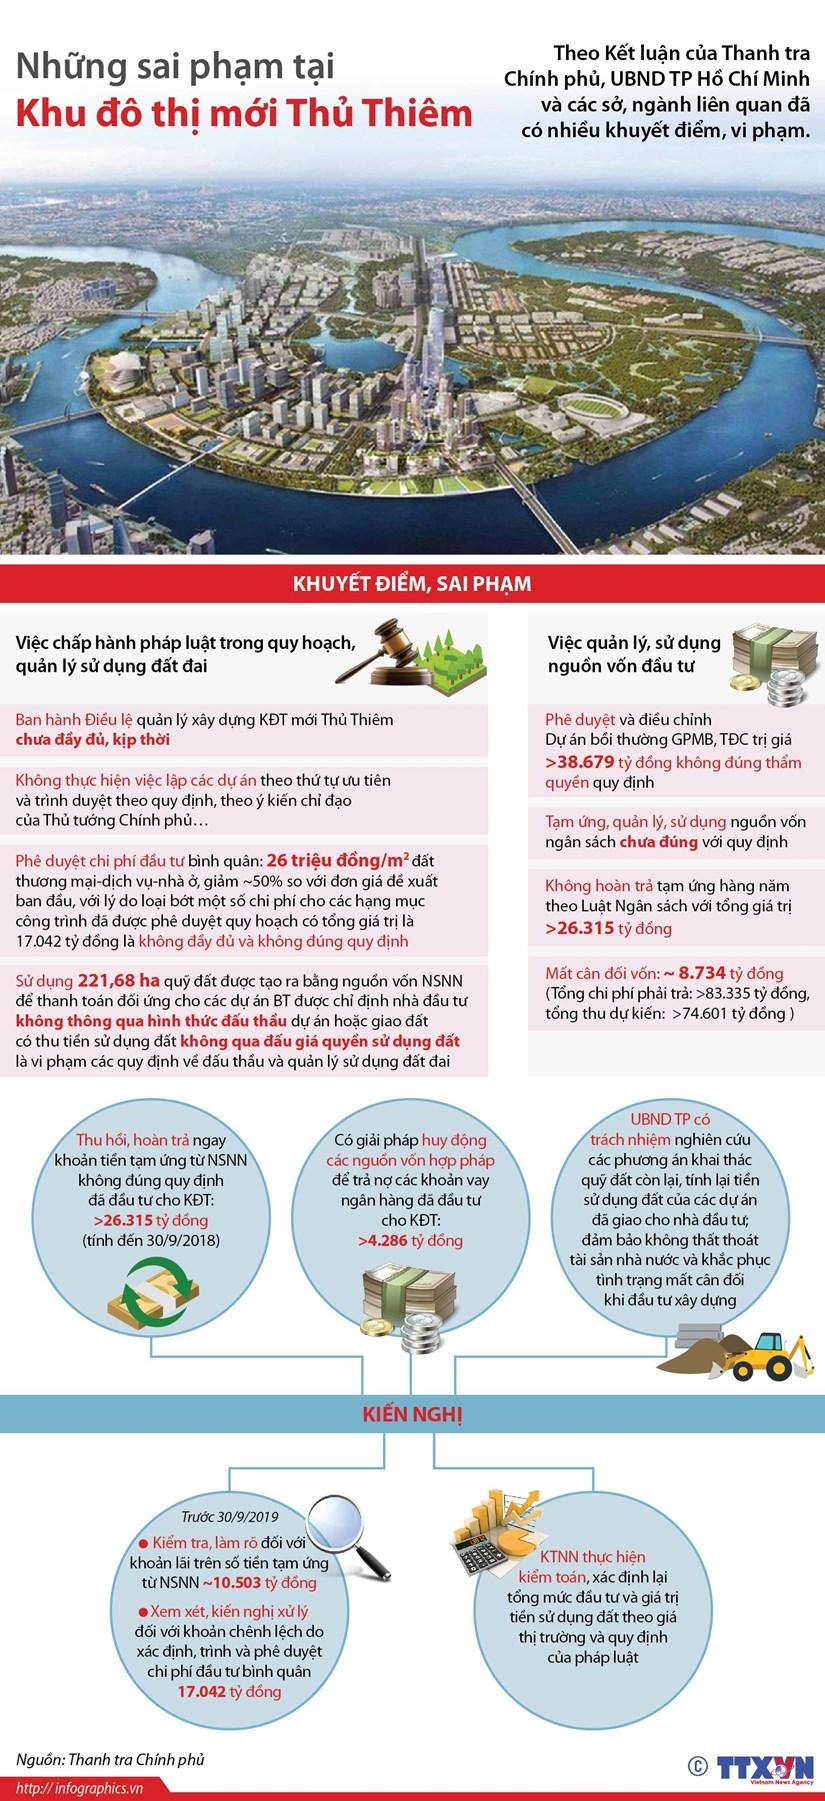 [Infographics] Nhung sai pham tai Khu do thi moi Thu Thiem hinh anh 1